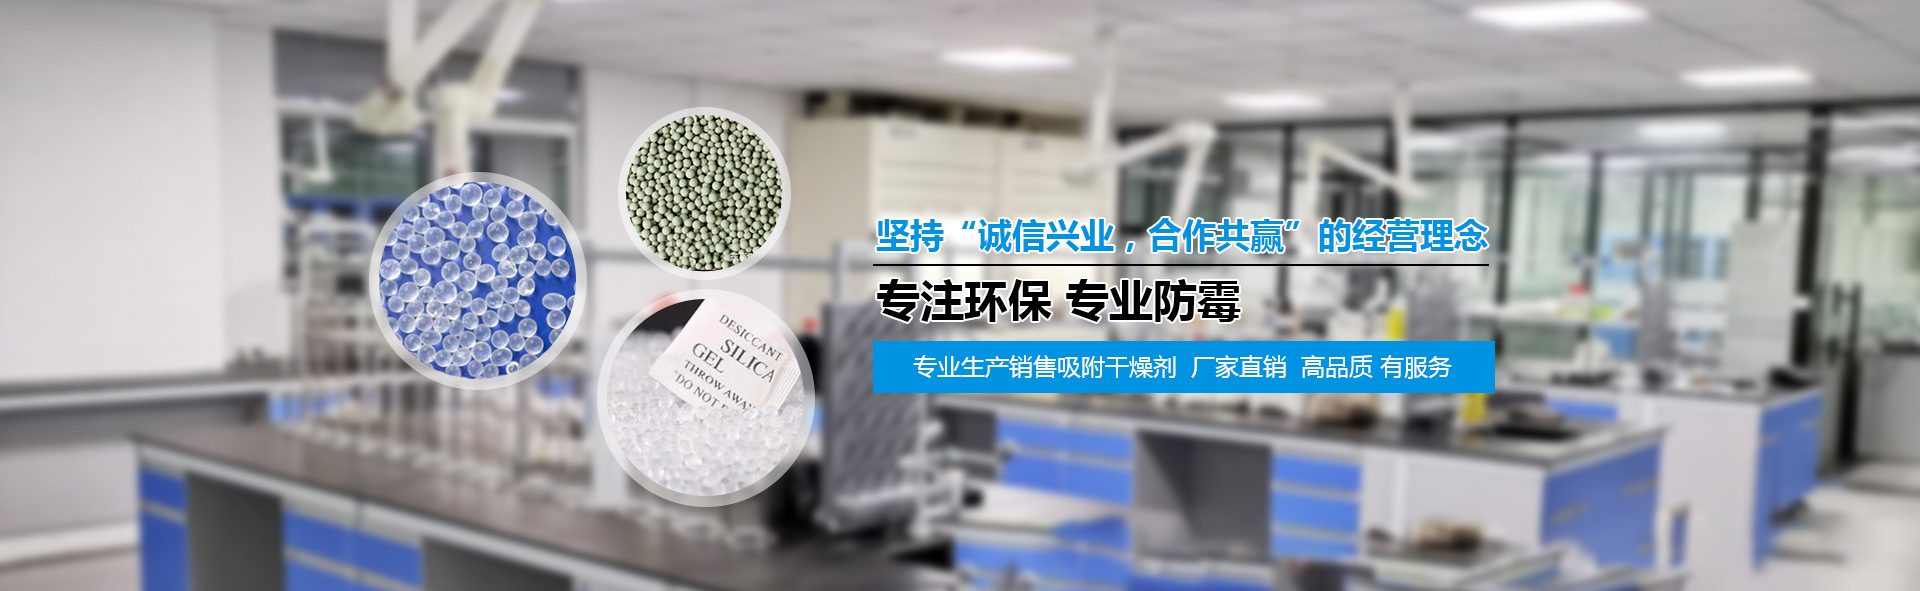 硅胶干燥剂厂家